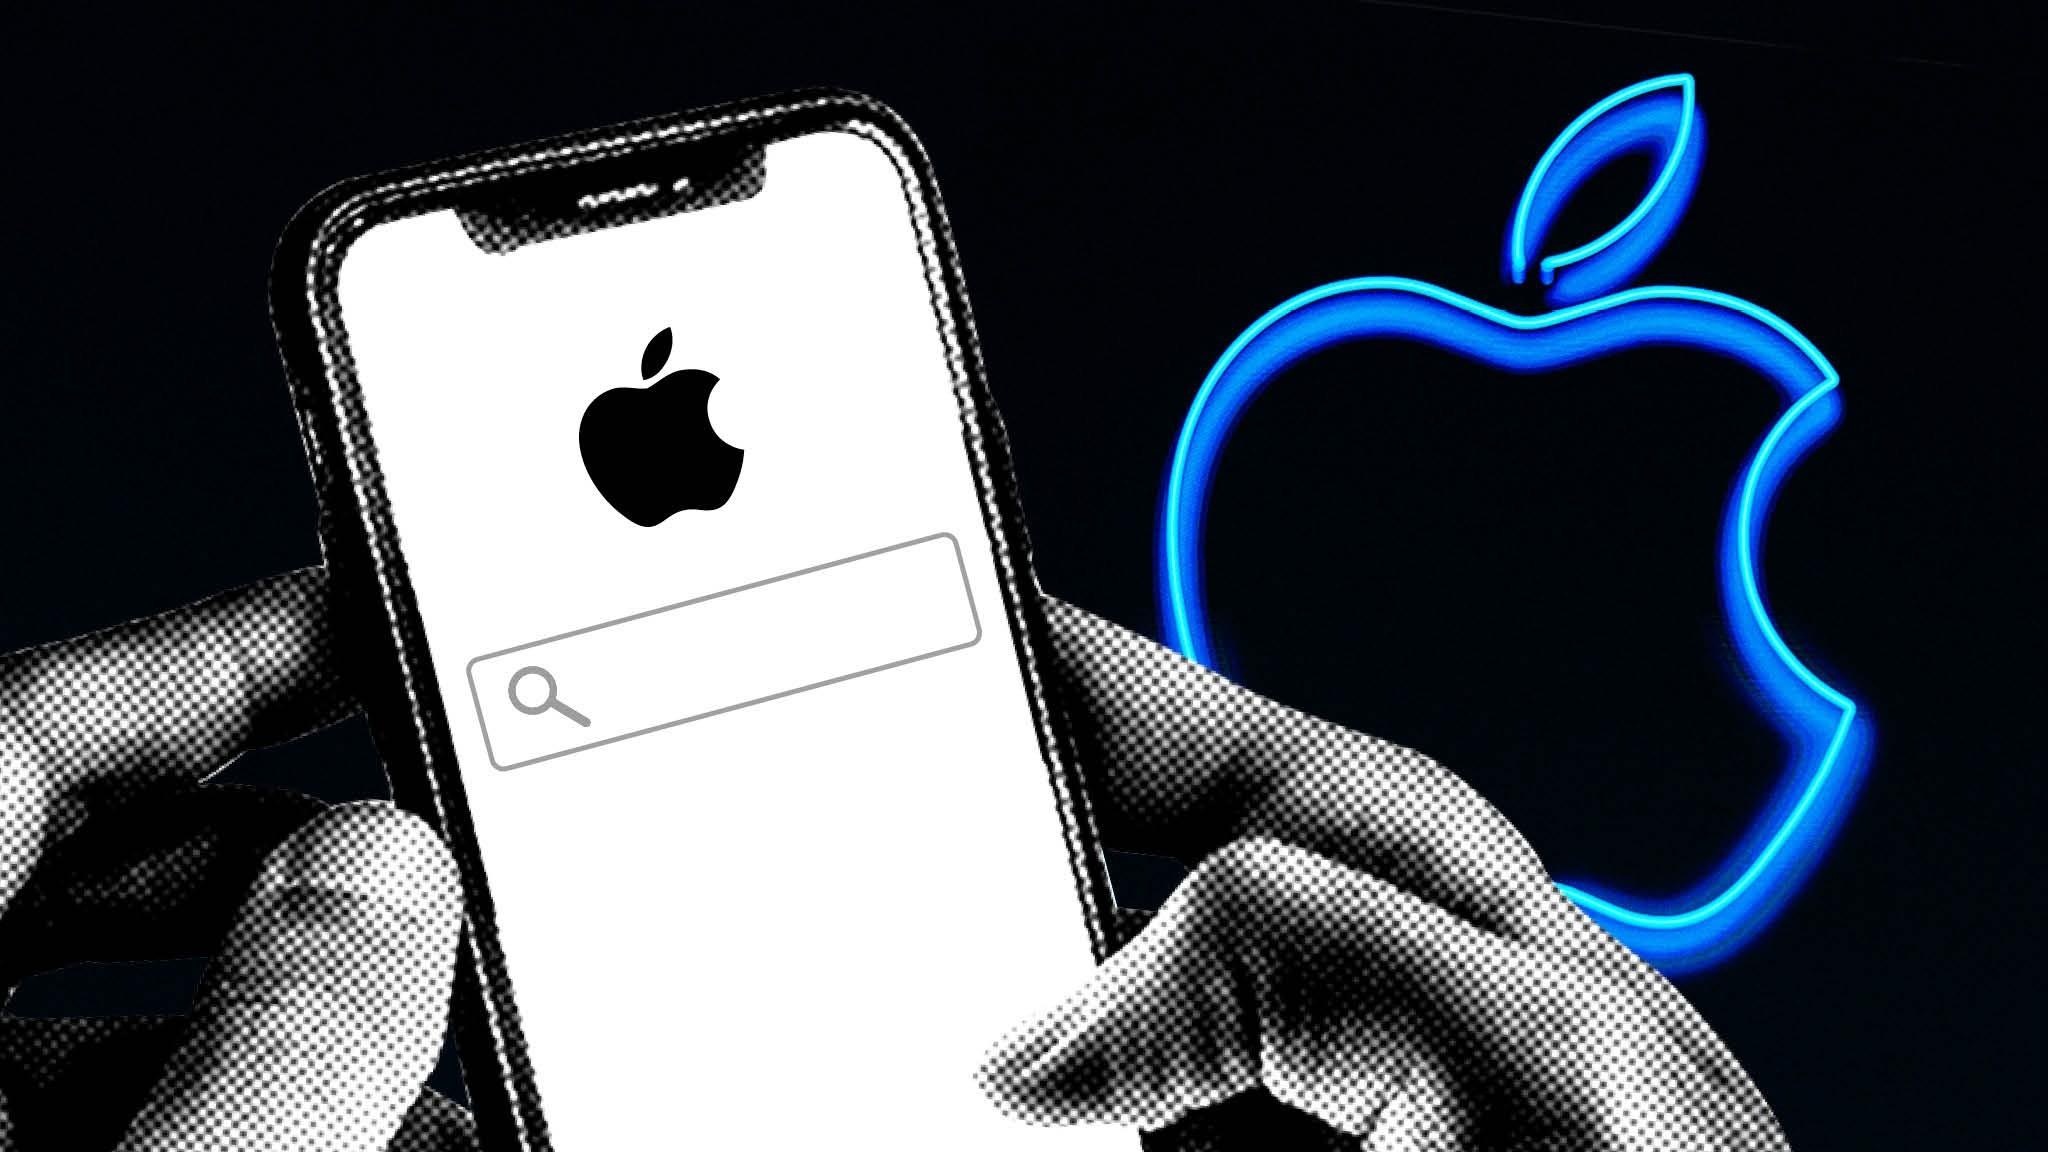 أبل تسيطر على السوق الأمريكي للهواتف في الربع الاول من 2021